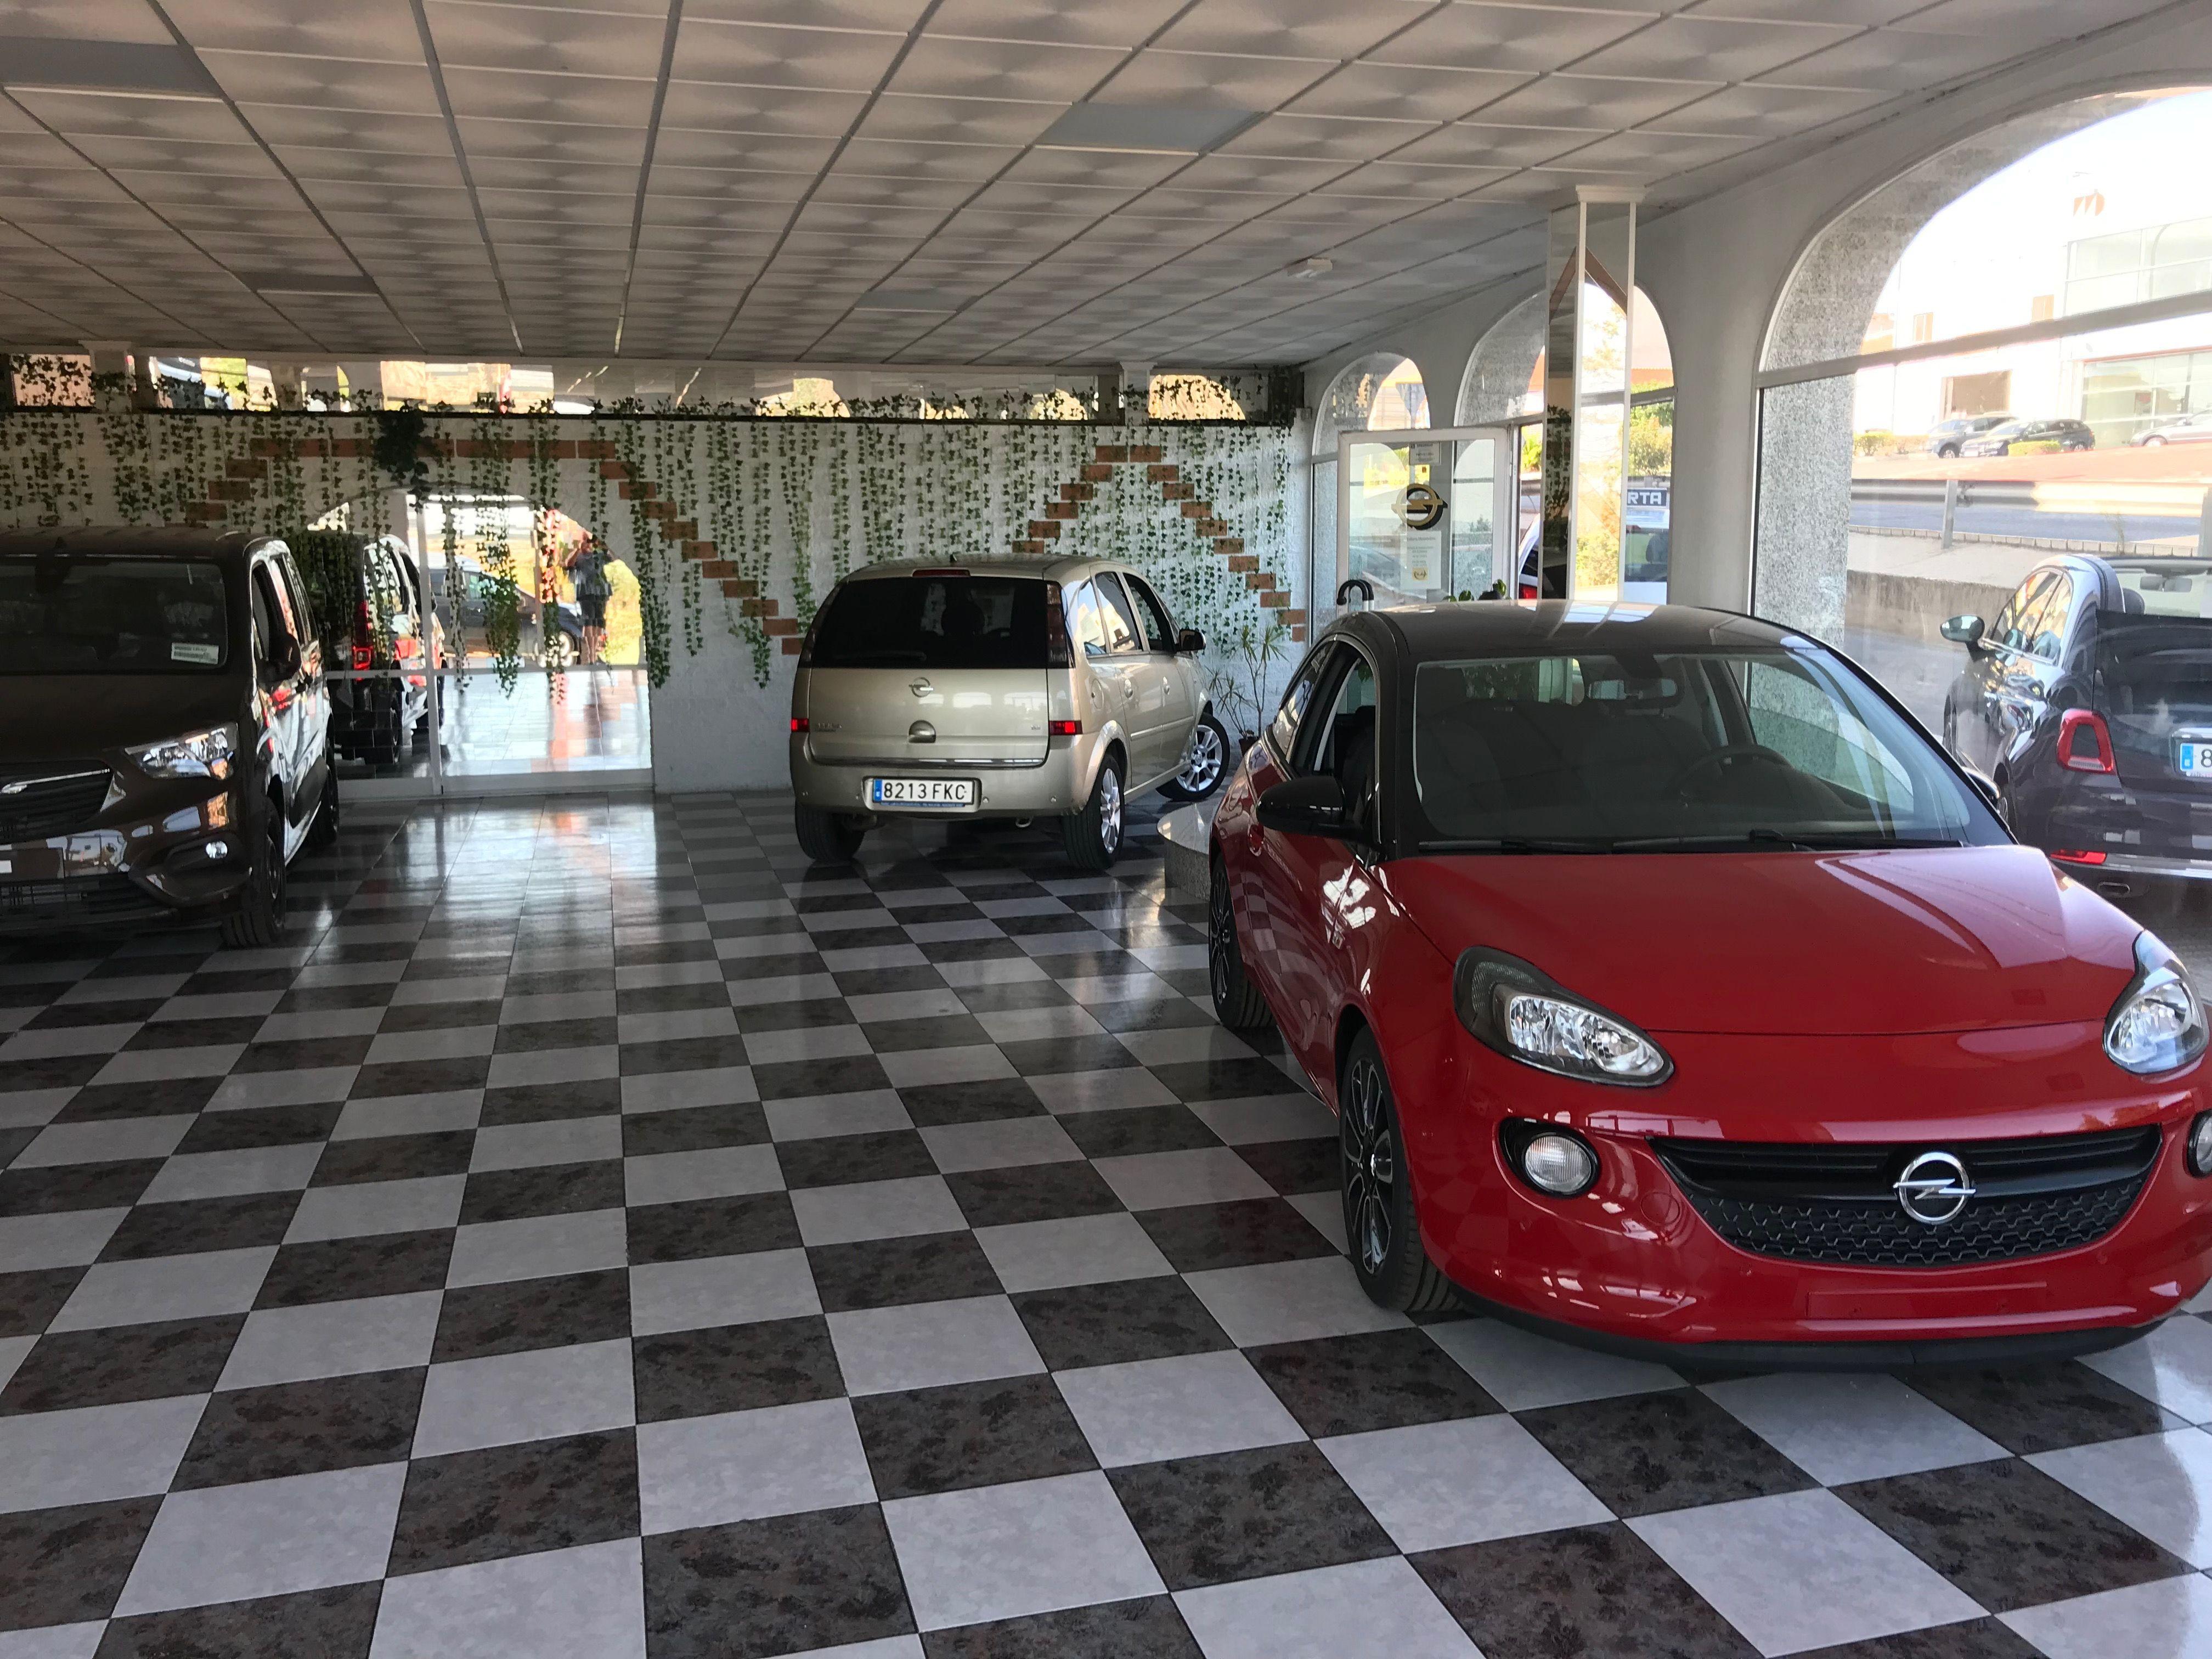 Vehículos de ocasión Alicante